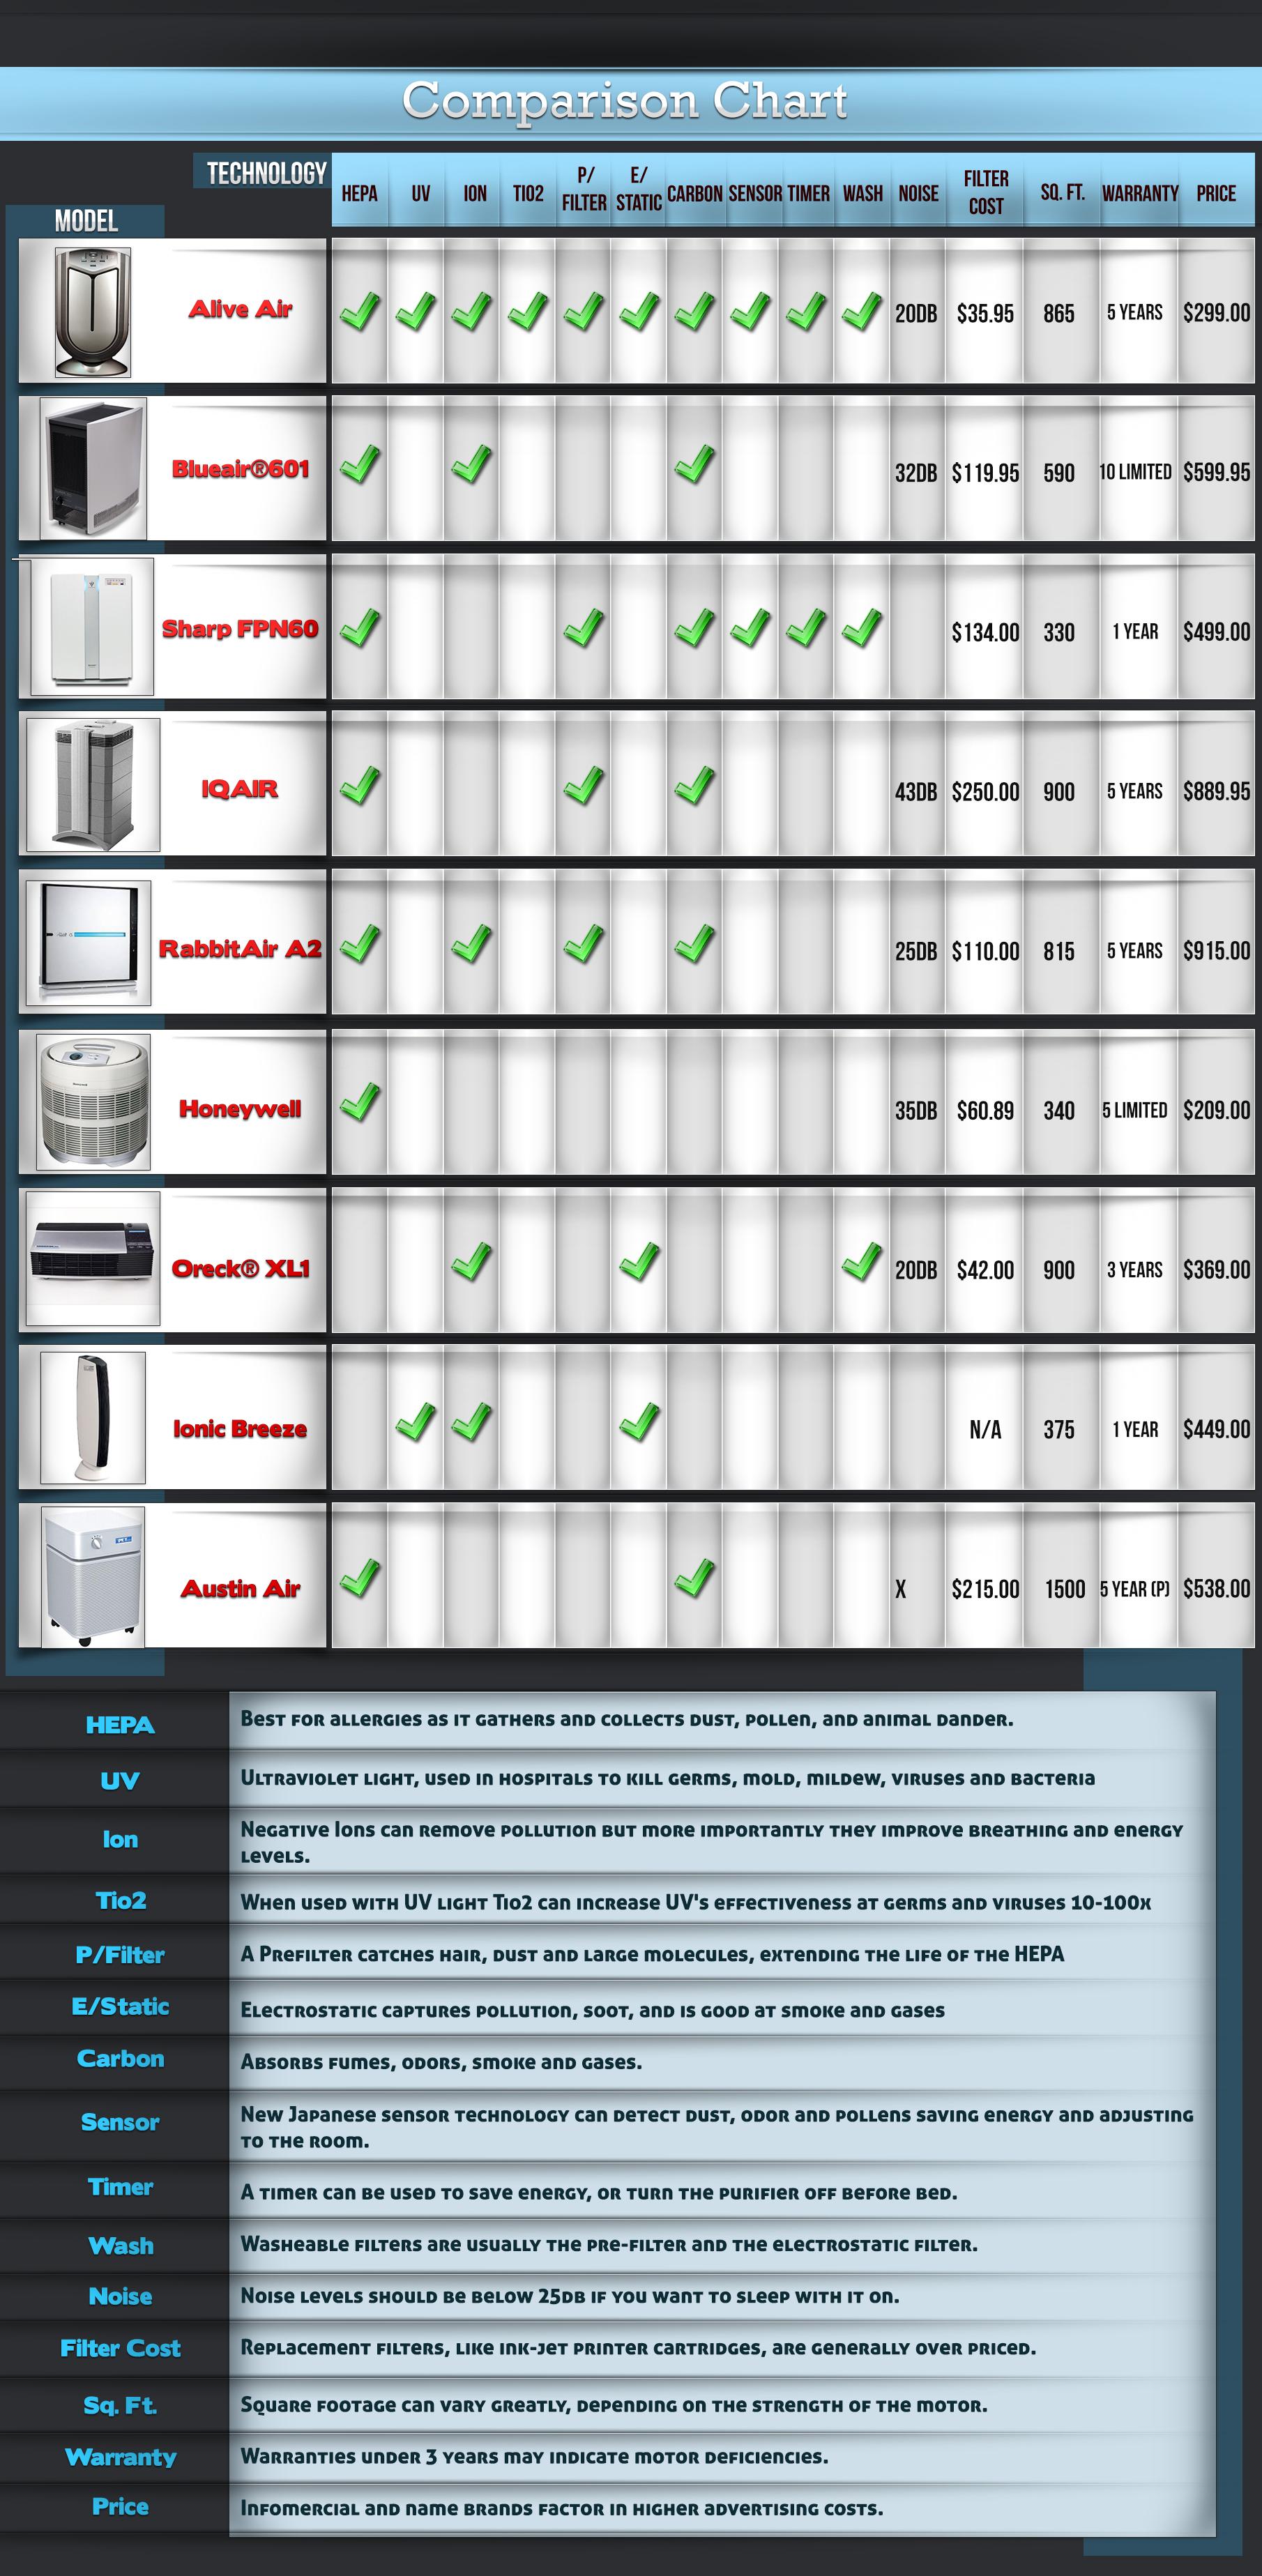 Air Purifier Comparison Chart Alive Air